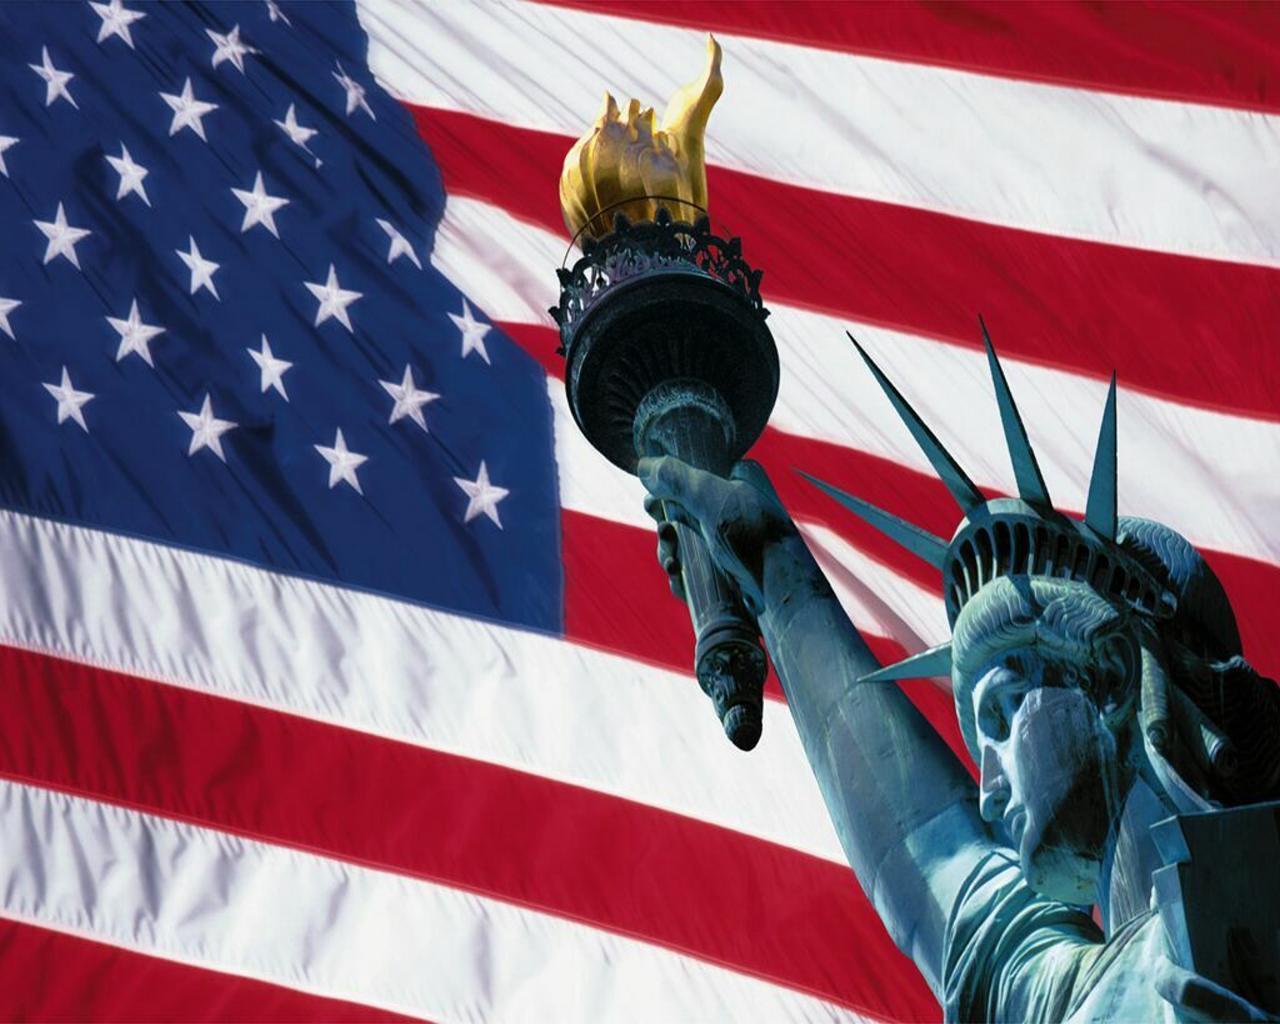 flag2_1280x1024